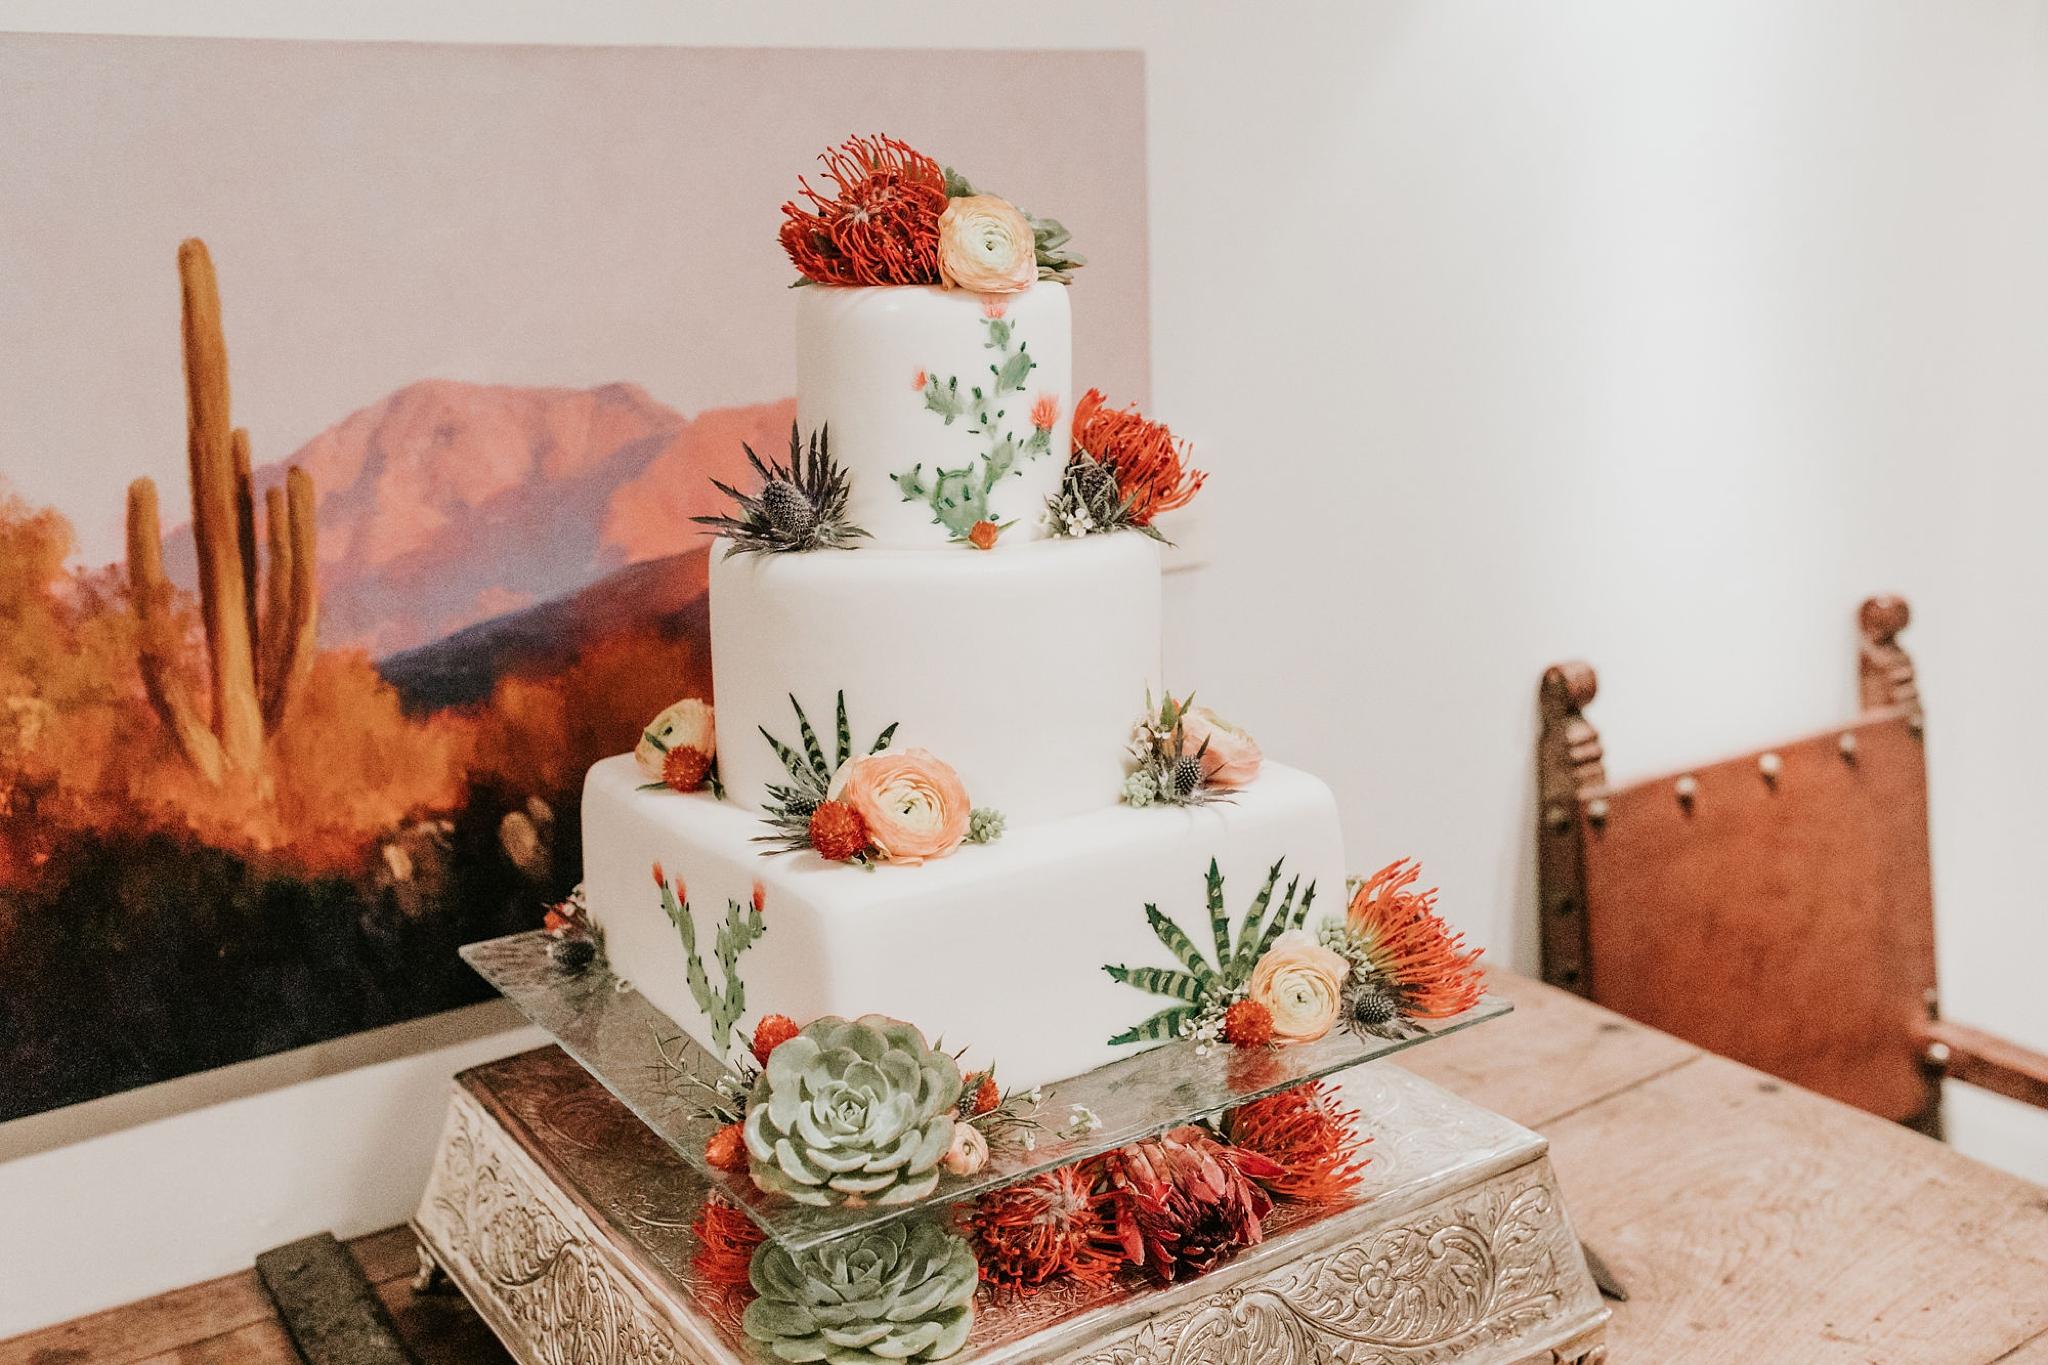 Alicia+lucia+photography+-+albuquerque+wedding+photographer+-+santa+fe+wedding+photography+-+new+mexico+wedding+photographer+-+new+mexico+wedding+-+new+mexico+wedding+-+wedding+florals+-+desert+wedding+-+wedding+trends_0019.jpg